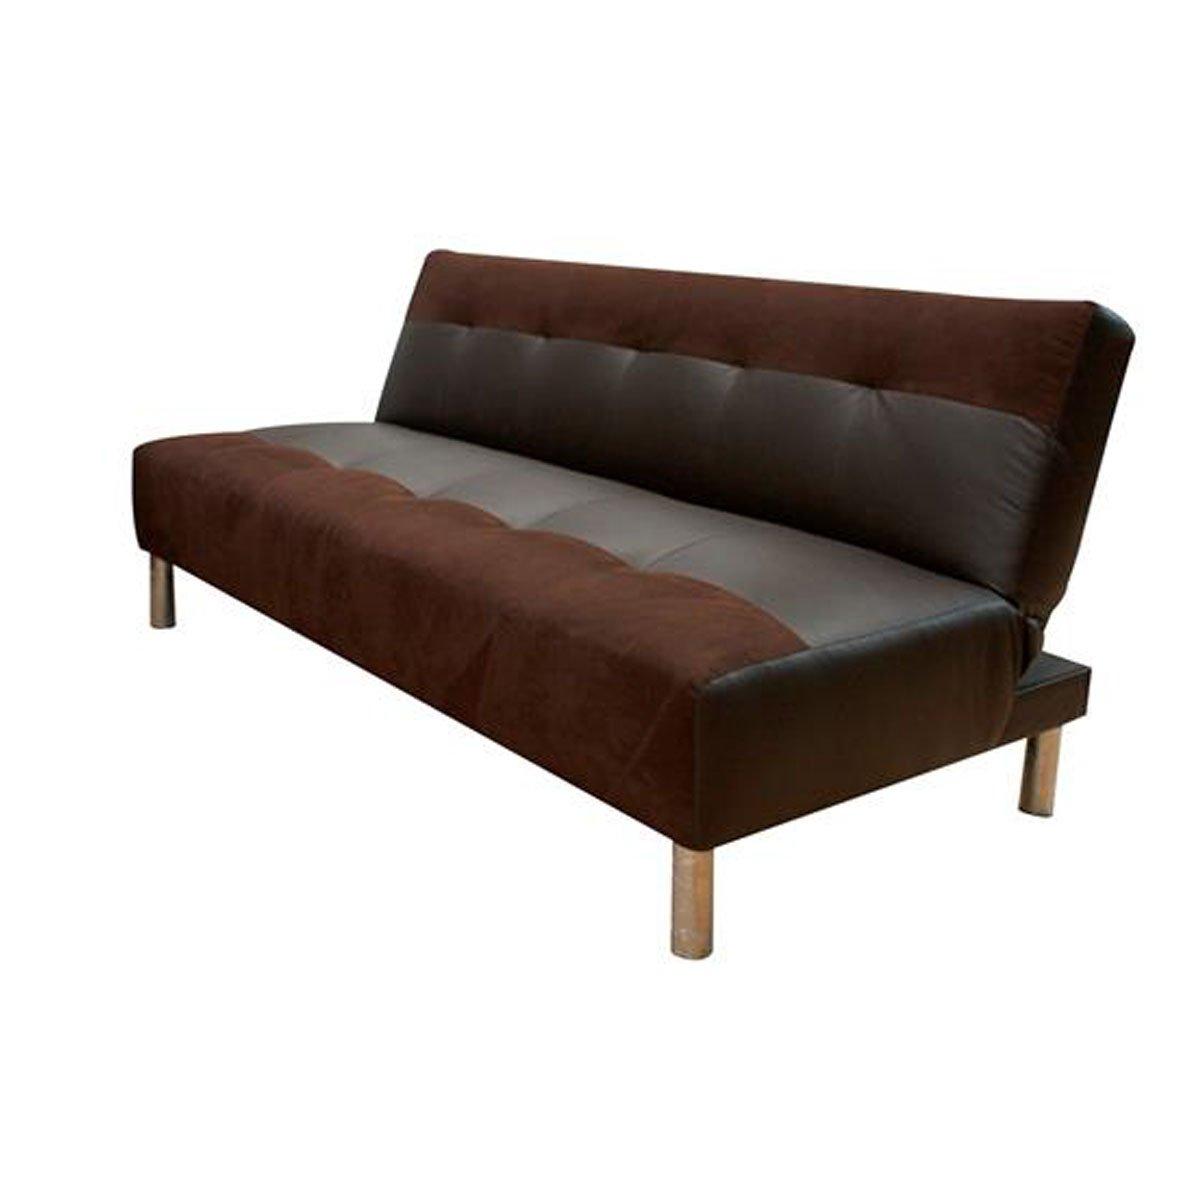 Muebles claroshop com - Sofa cama original ...